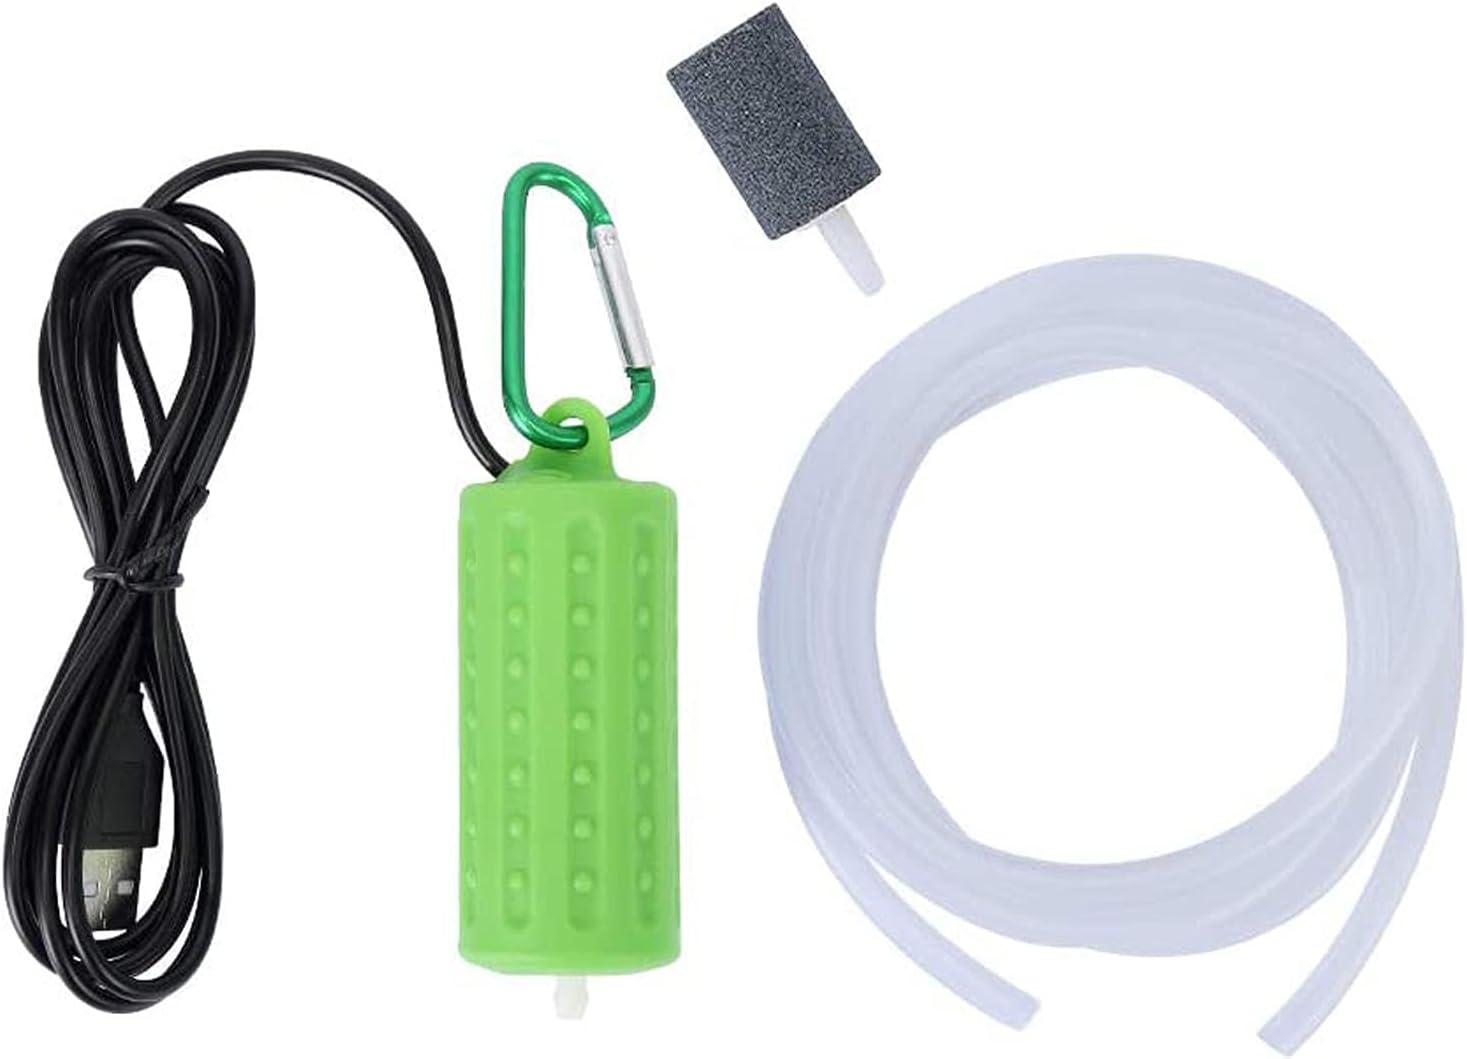 ZEACCT Mini USB Portatile Acquario Fish Tank Ossigeno Pompa Ad Aria Mute Risparmio Pesci Pompa Ad Aria Pompa Di Ossigeno Serbatoio Ossigeno Muto Accessori Con Pompa Ad Aria E Tubo